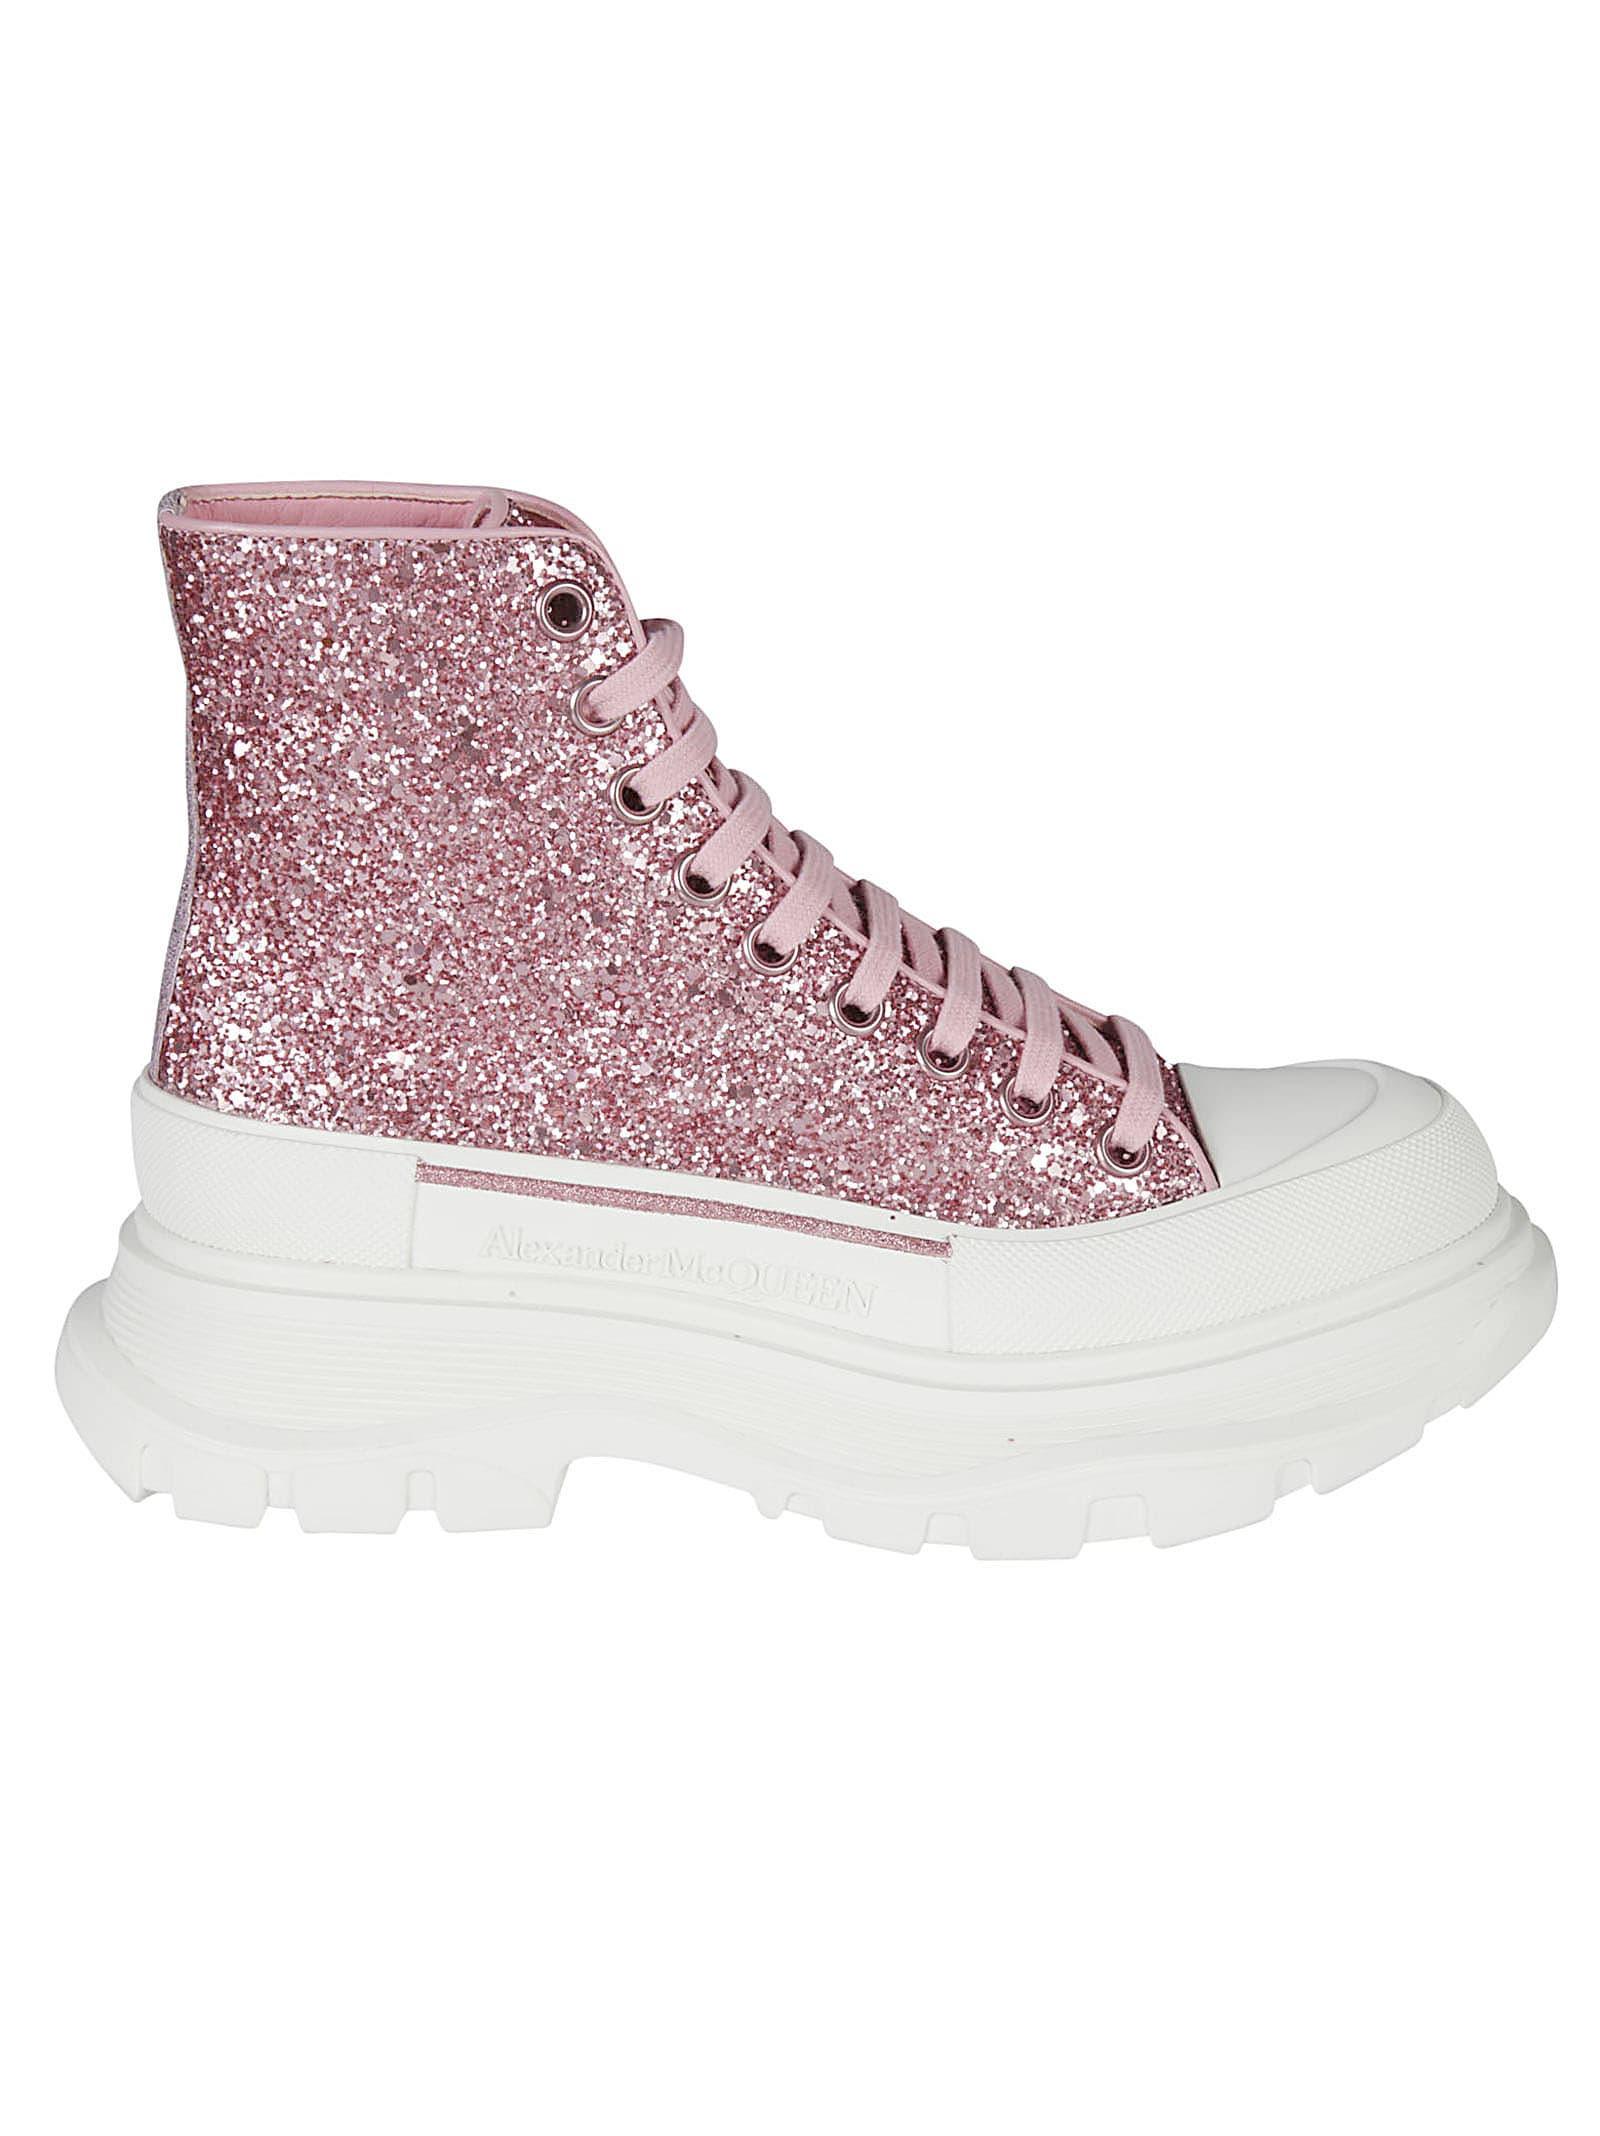 Alexander McQueen Glitter Embellished Wedge Sneakers